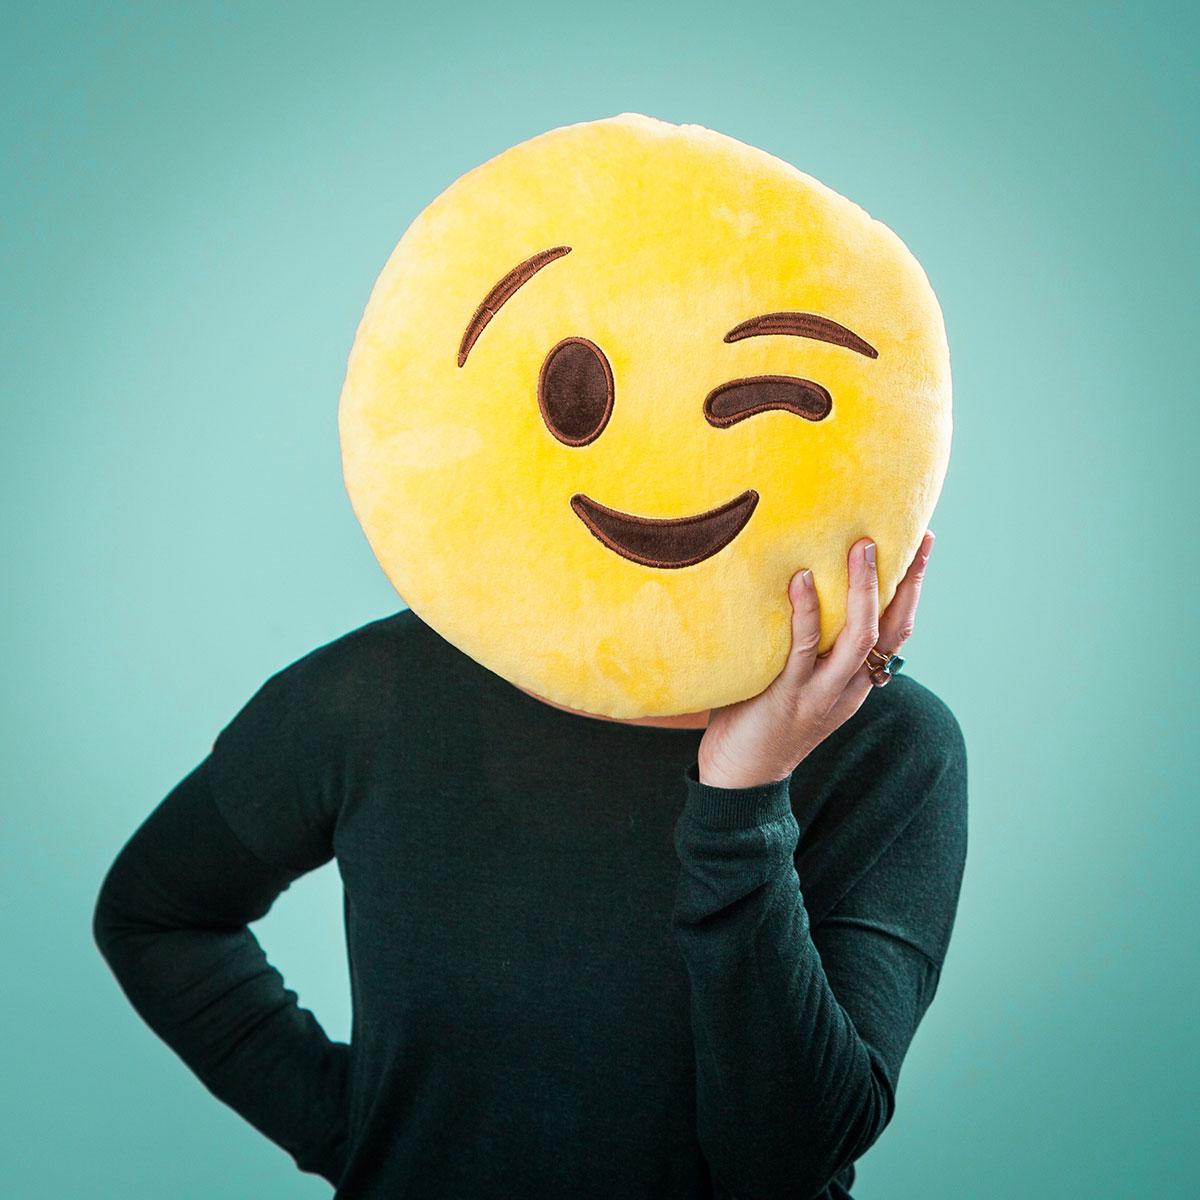 Emoji Kissen – Zwinkerndes Gesicht (Wink my Face)